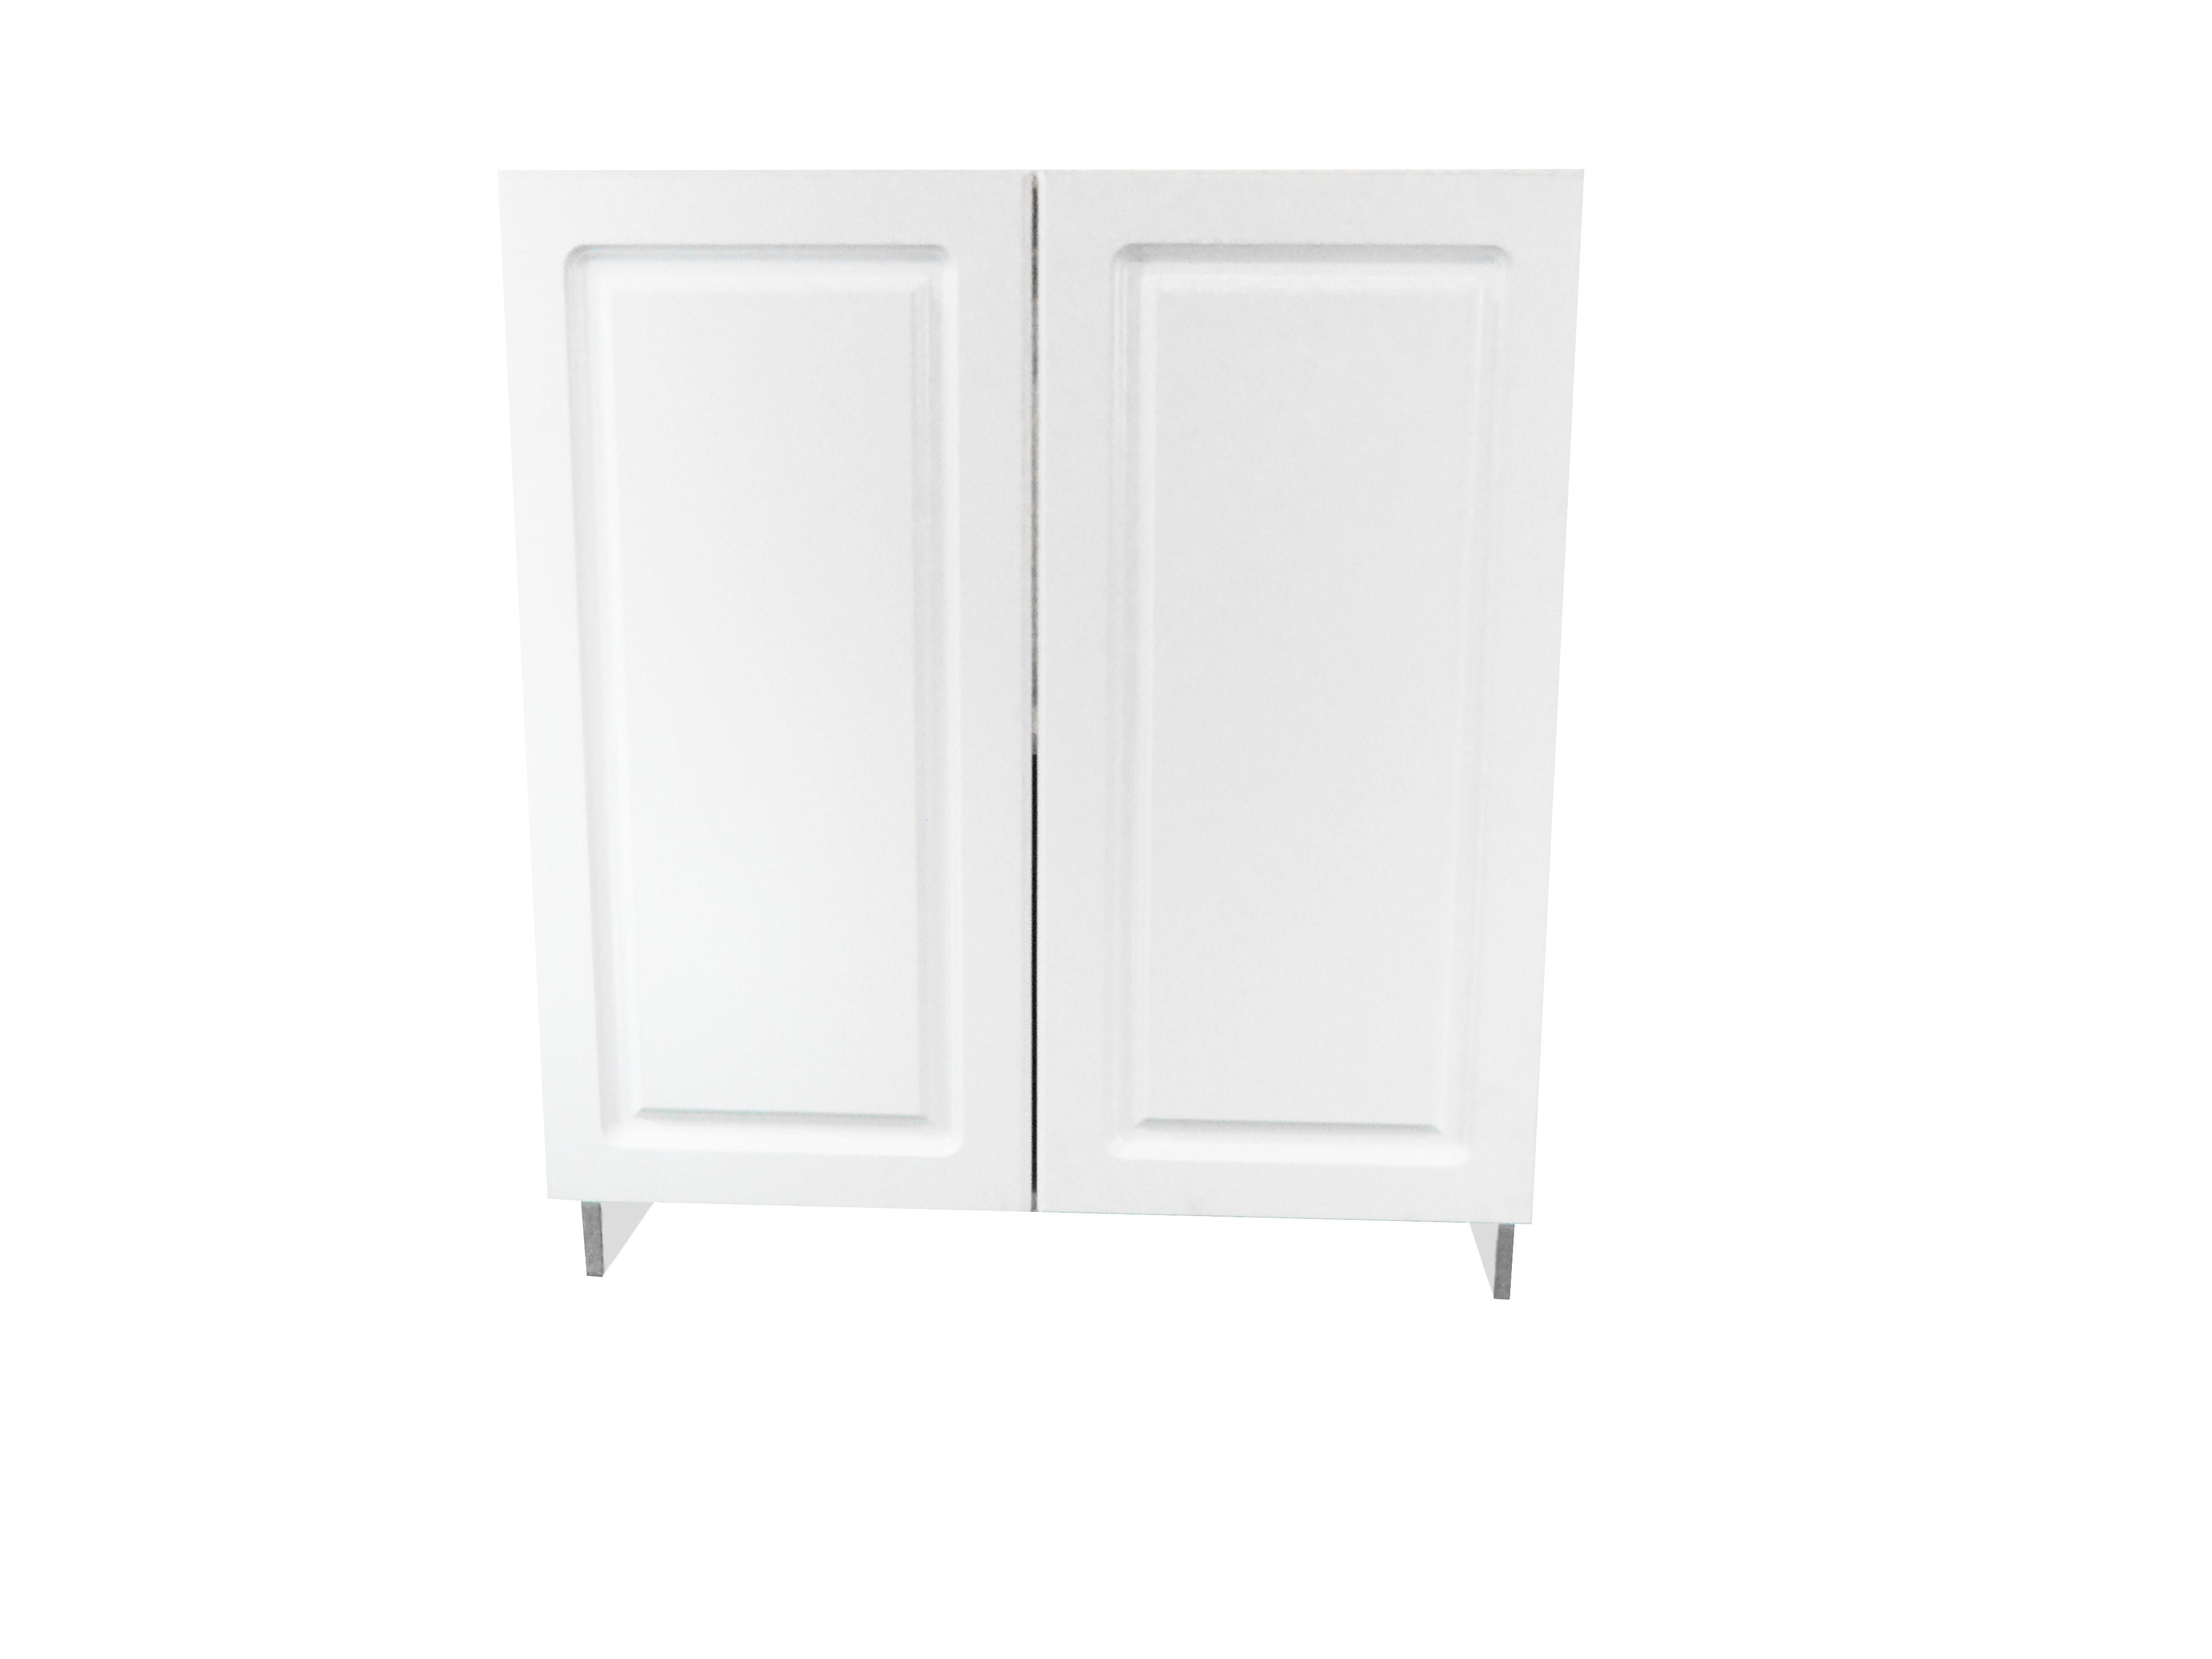 Base Cabinet With 2 Door / San Juan / Raised Panel White / 24 San Juan 0